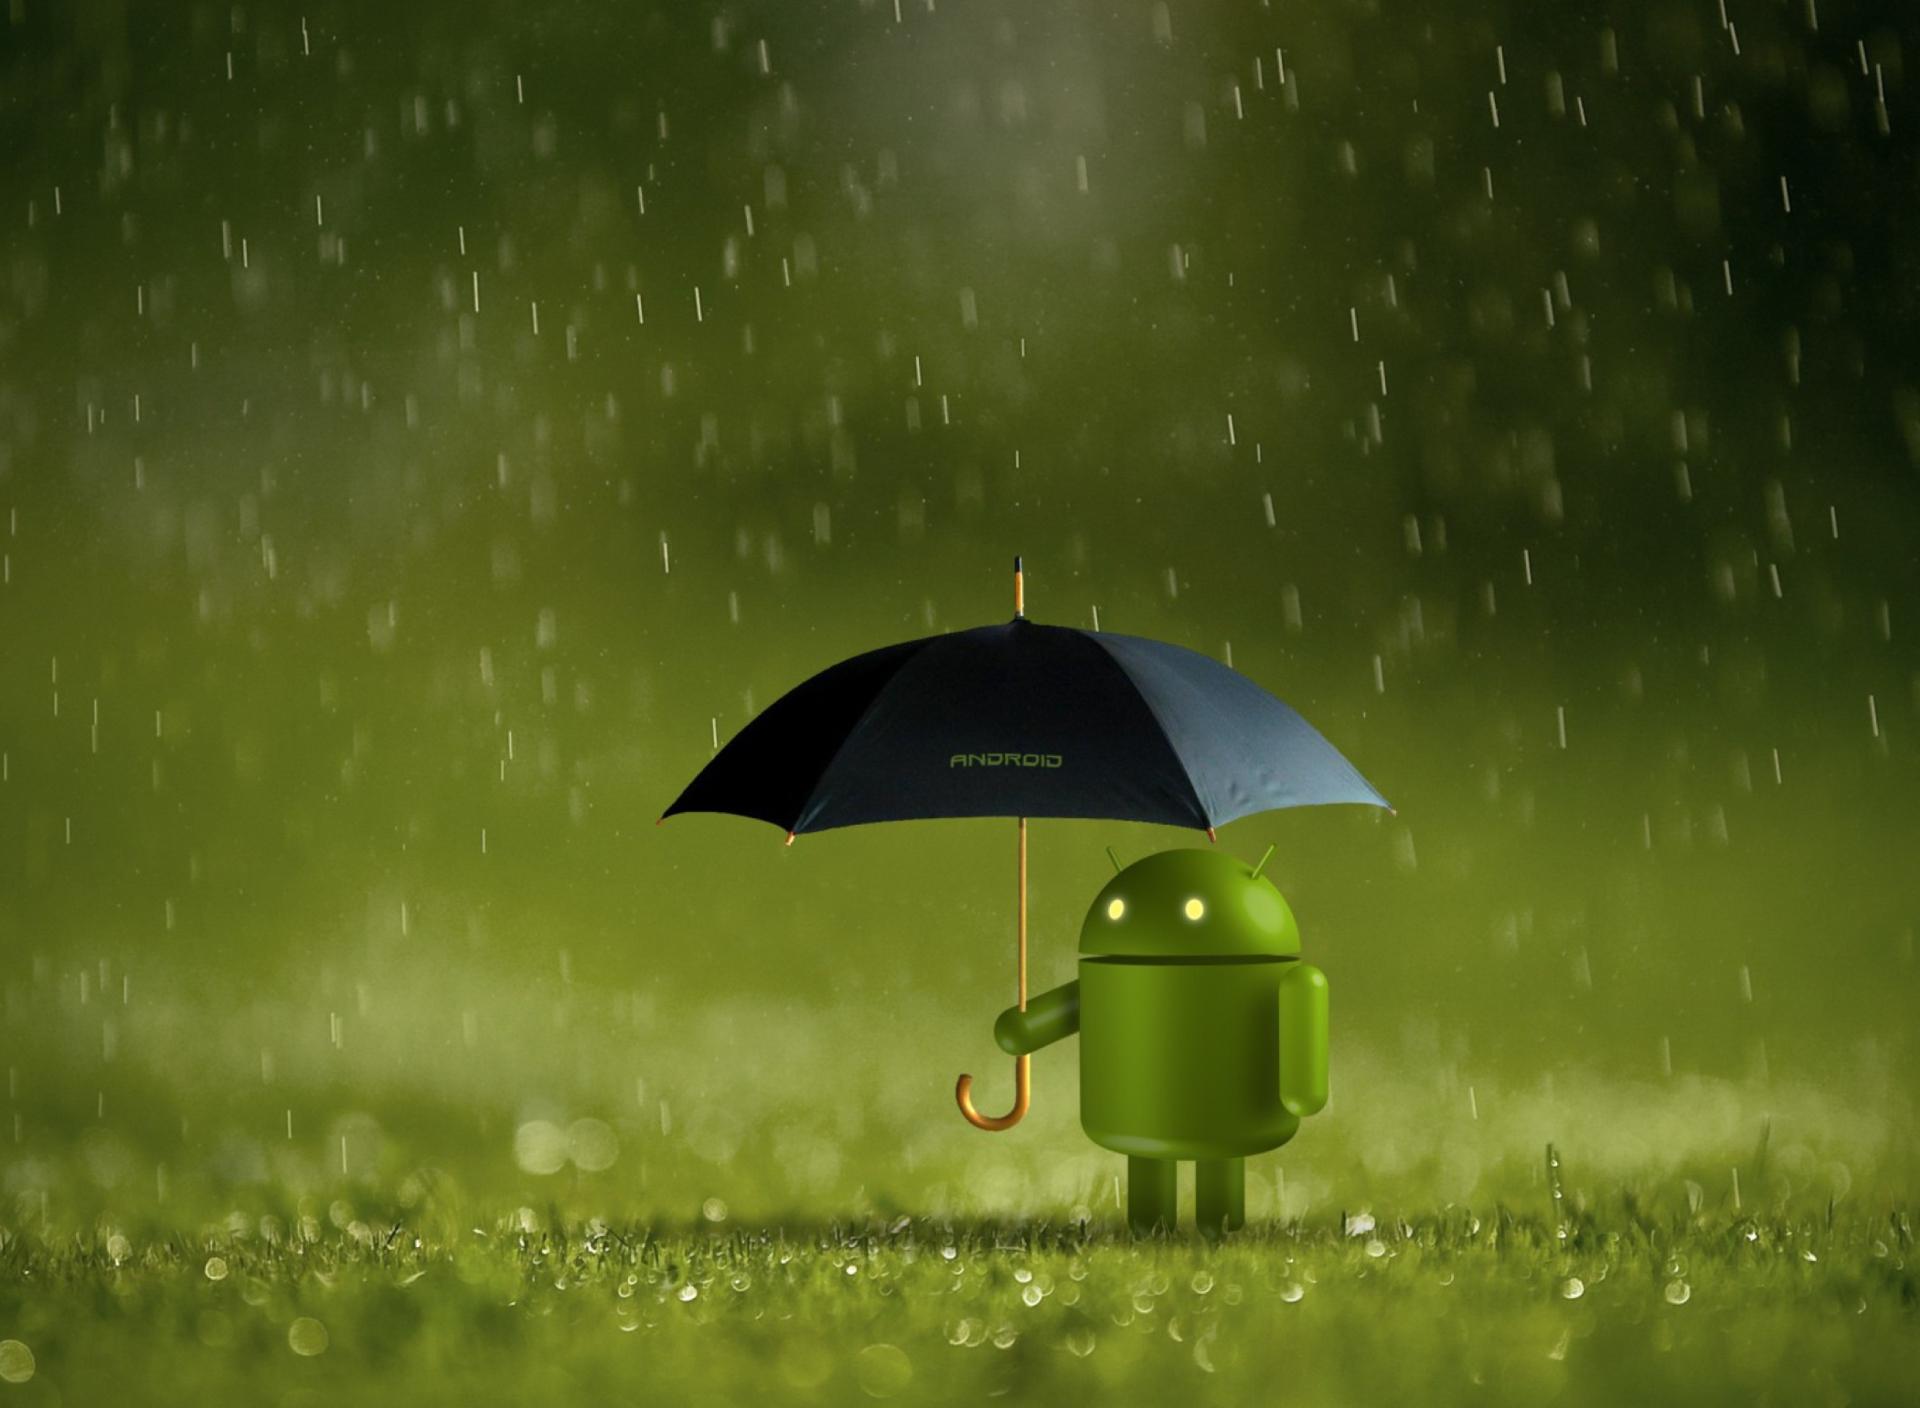 Обои на телефон дождь андроид